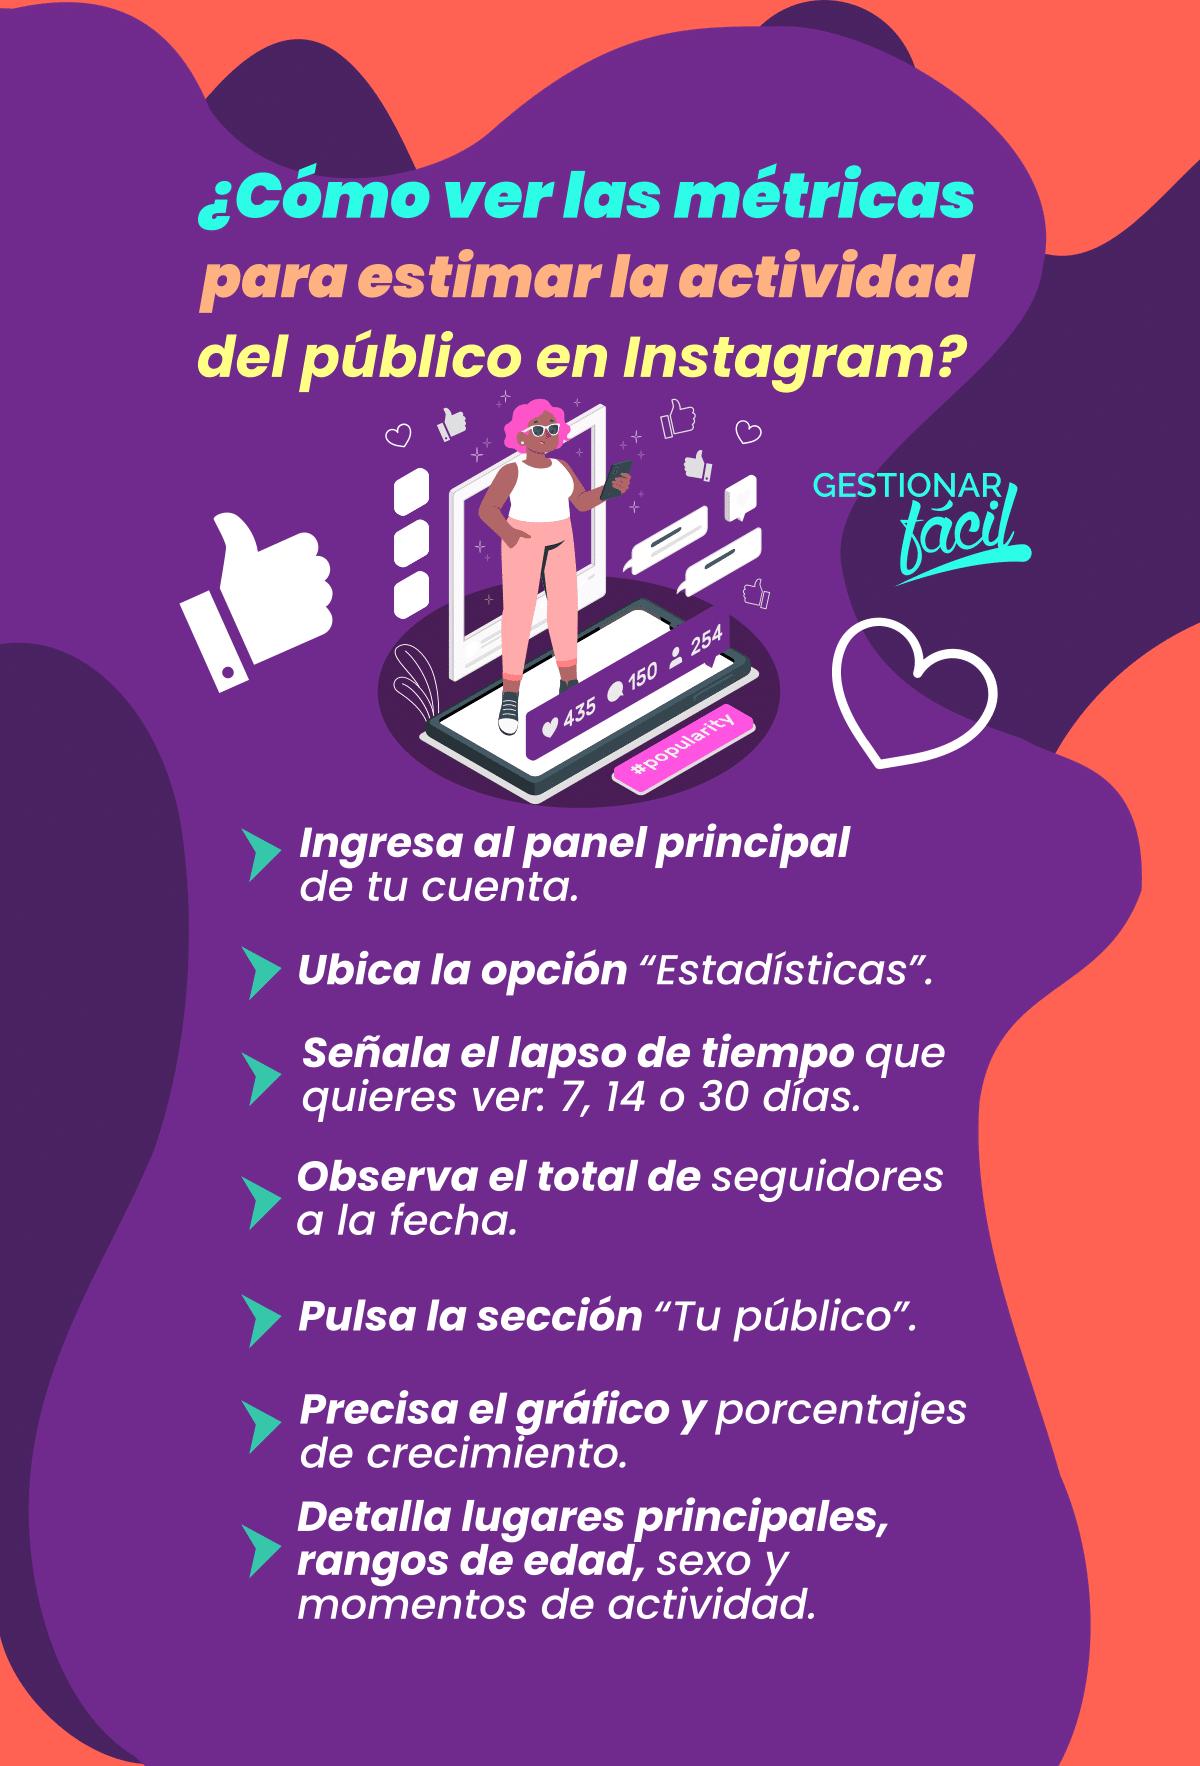 7 pasos para ver las métricas de actividad del público en Instagram